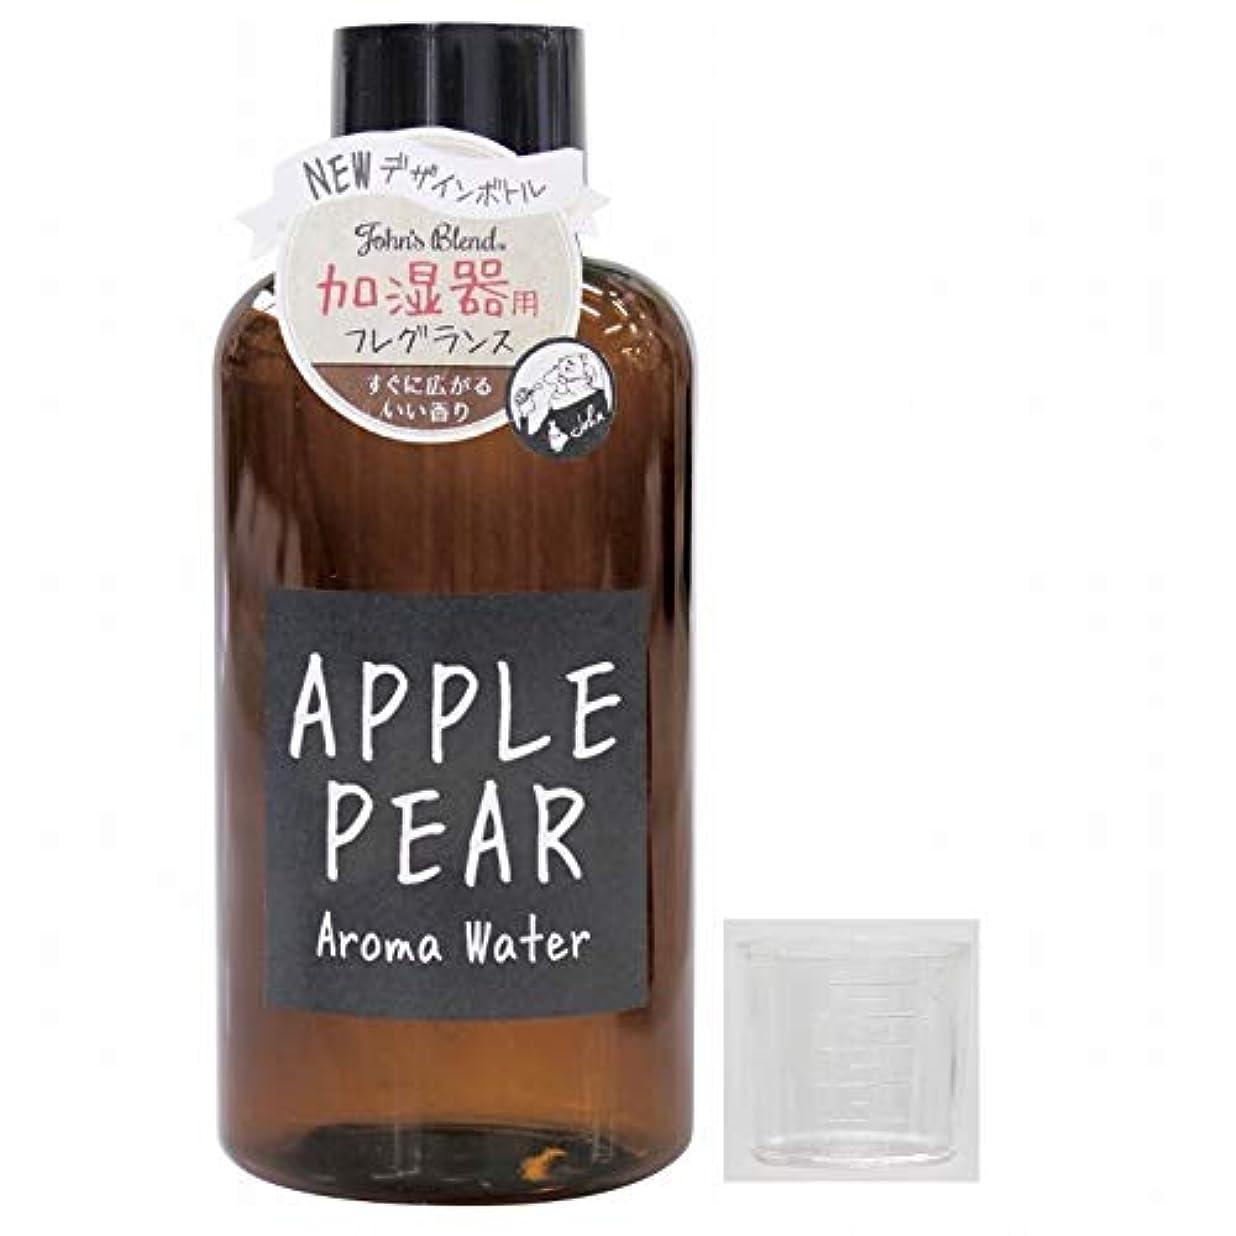 【計量カップ付き】 JohnsBlend(ジョンズブレンド) アロマウォーター 加湿器用 520ml アップルペアーの香り OA-JON-12-4 【計量カップのおまけつき】